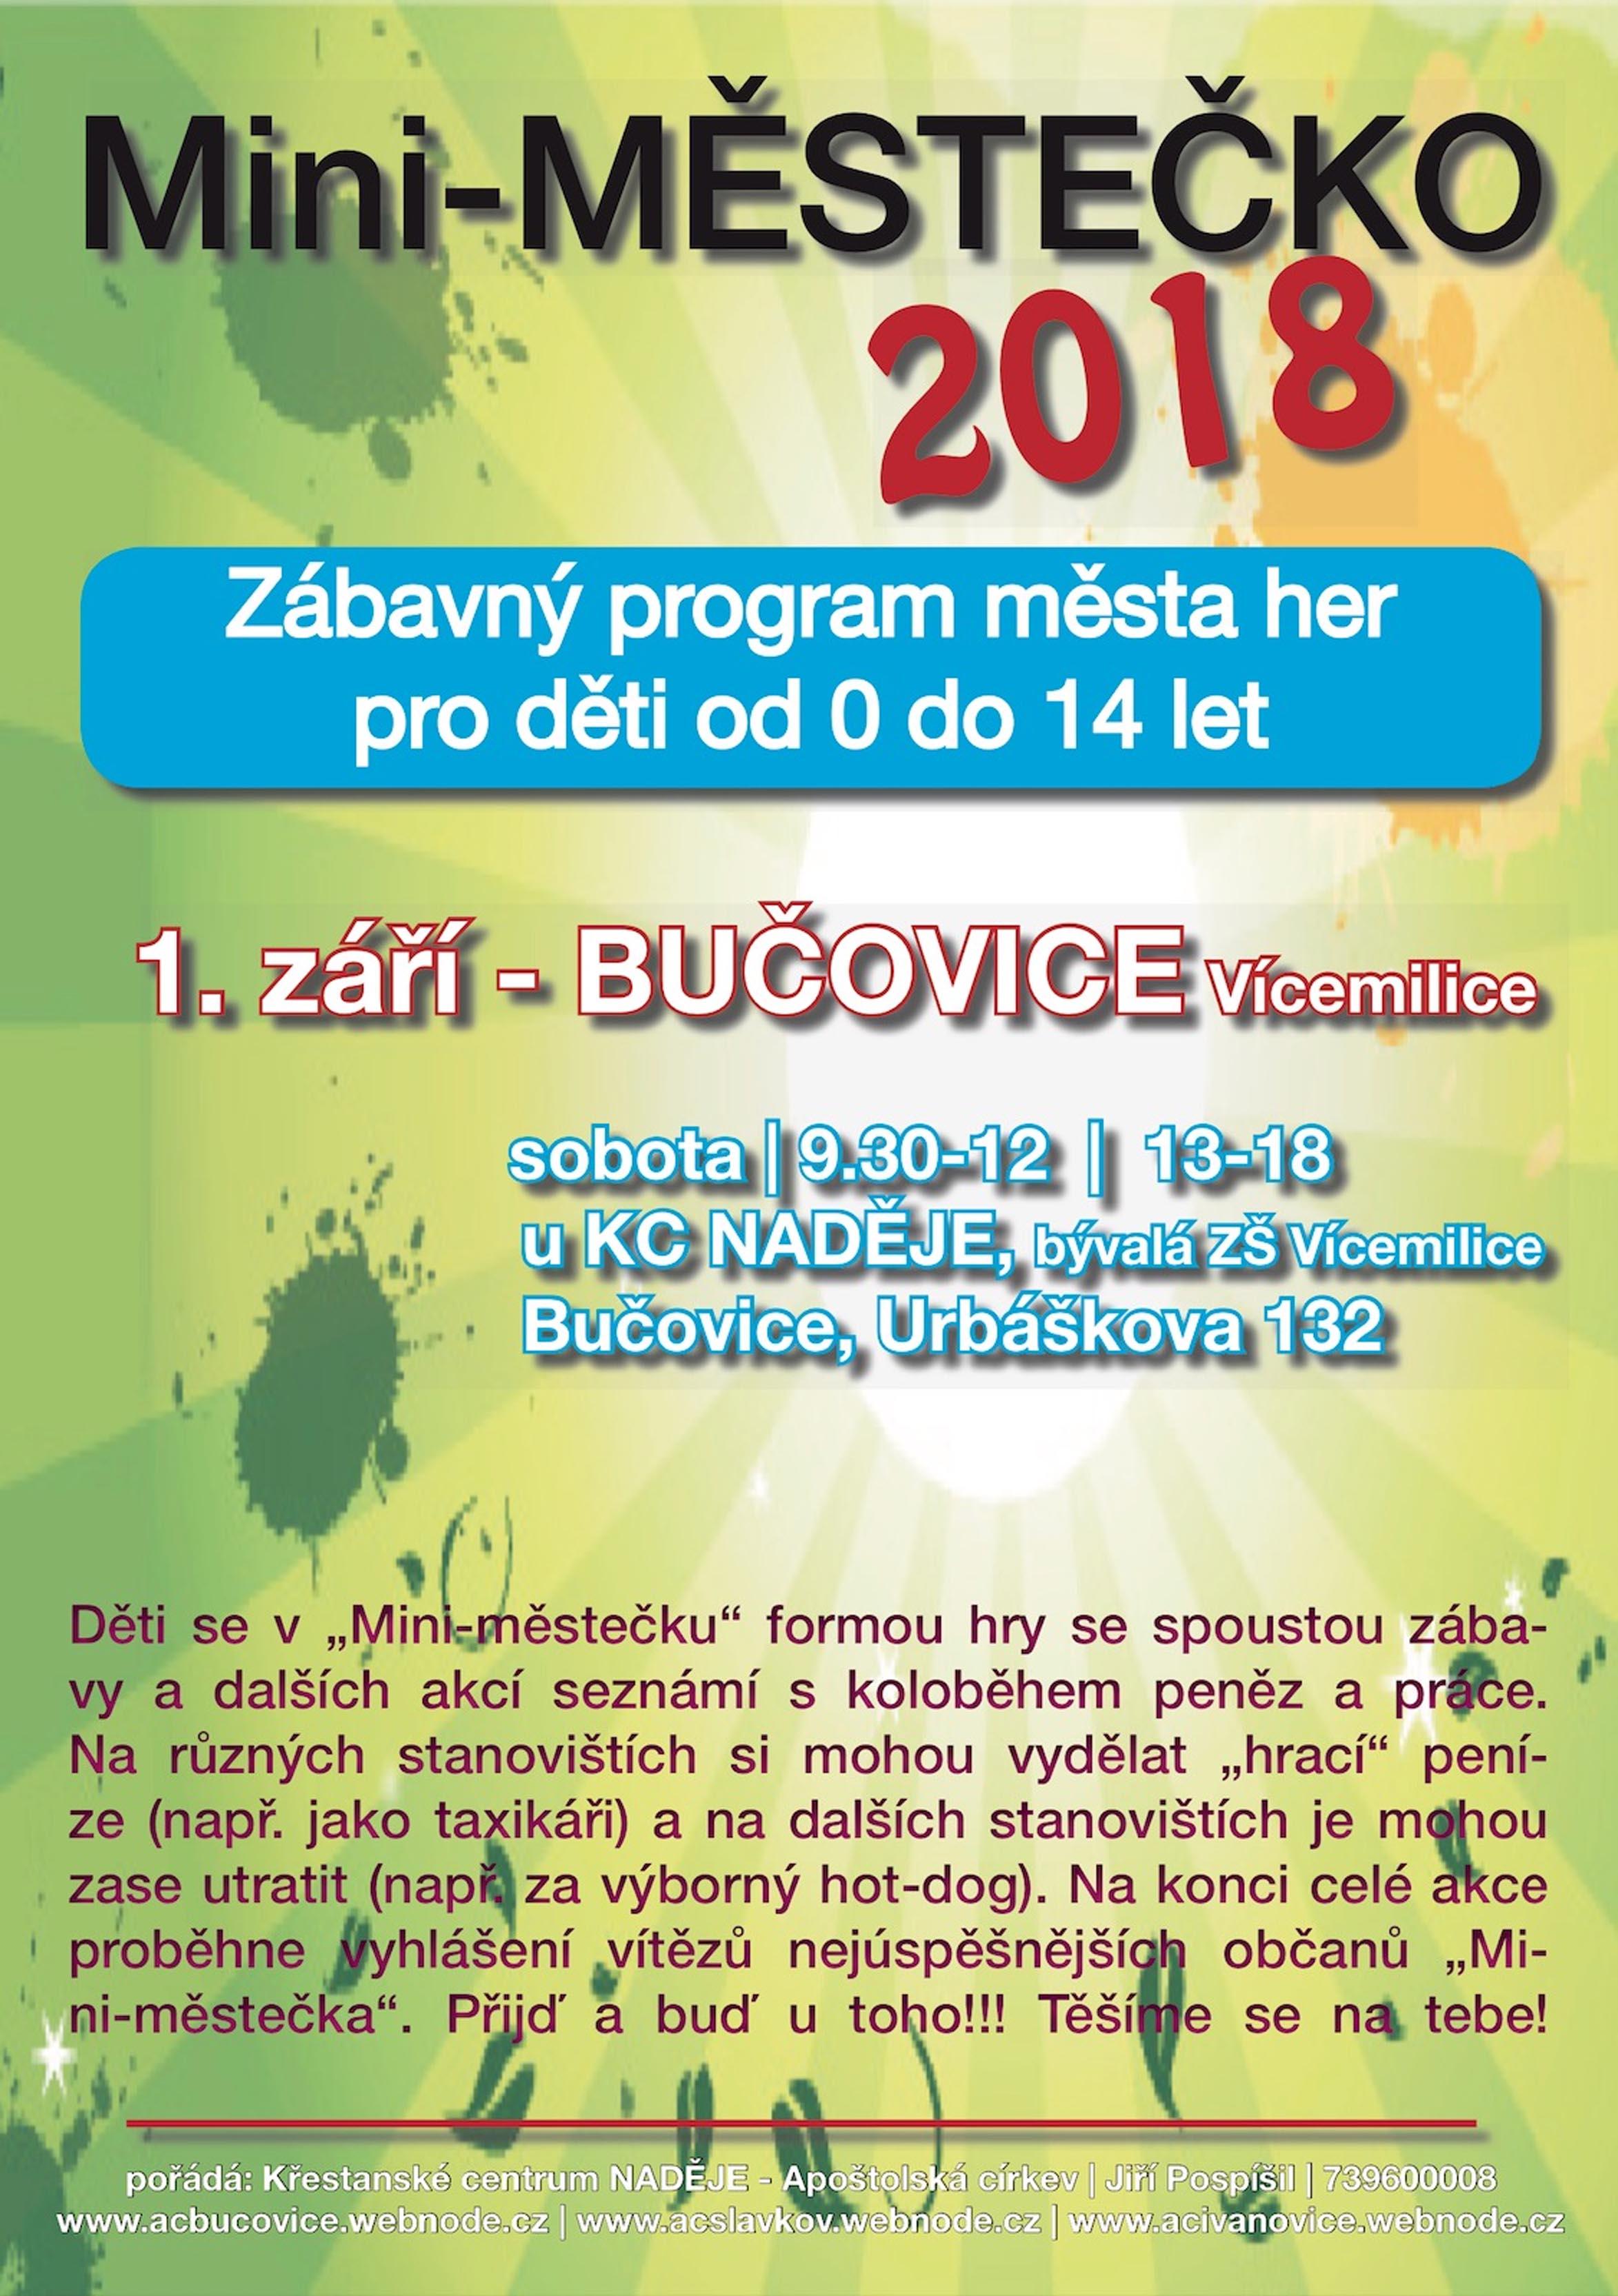 http://www.bucovice.cz/assets/File.ashx?id_org=1516&id_dokumenty=30023